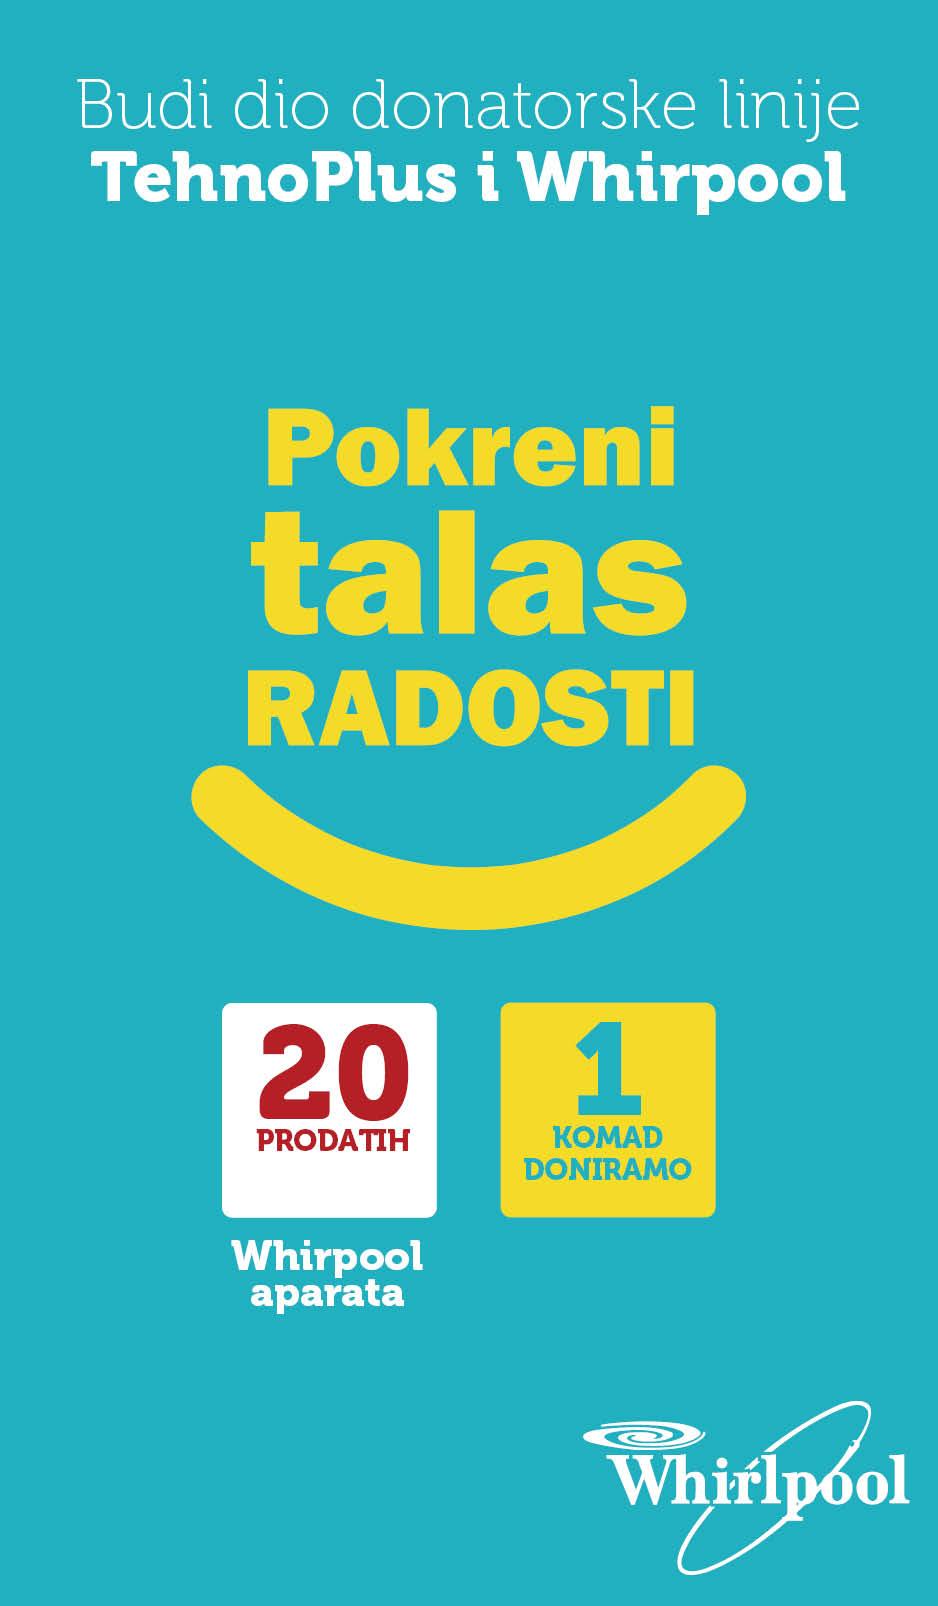 https://tehnoplus.me/novosti/pokreni-talas-radosti-2390